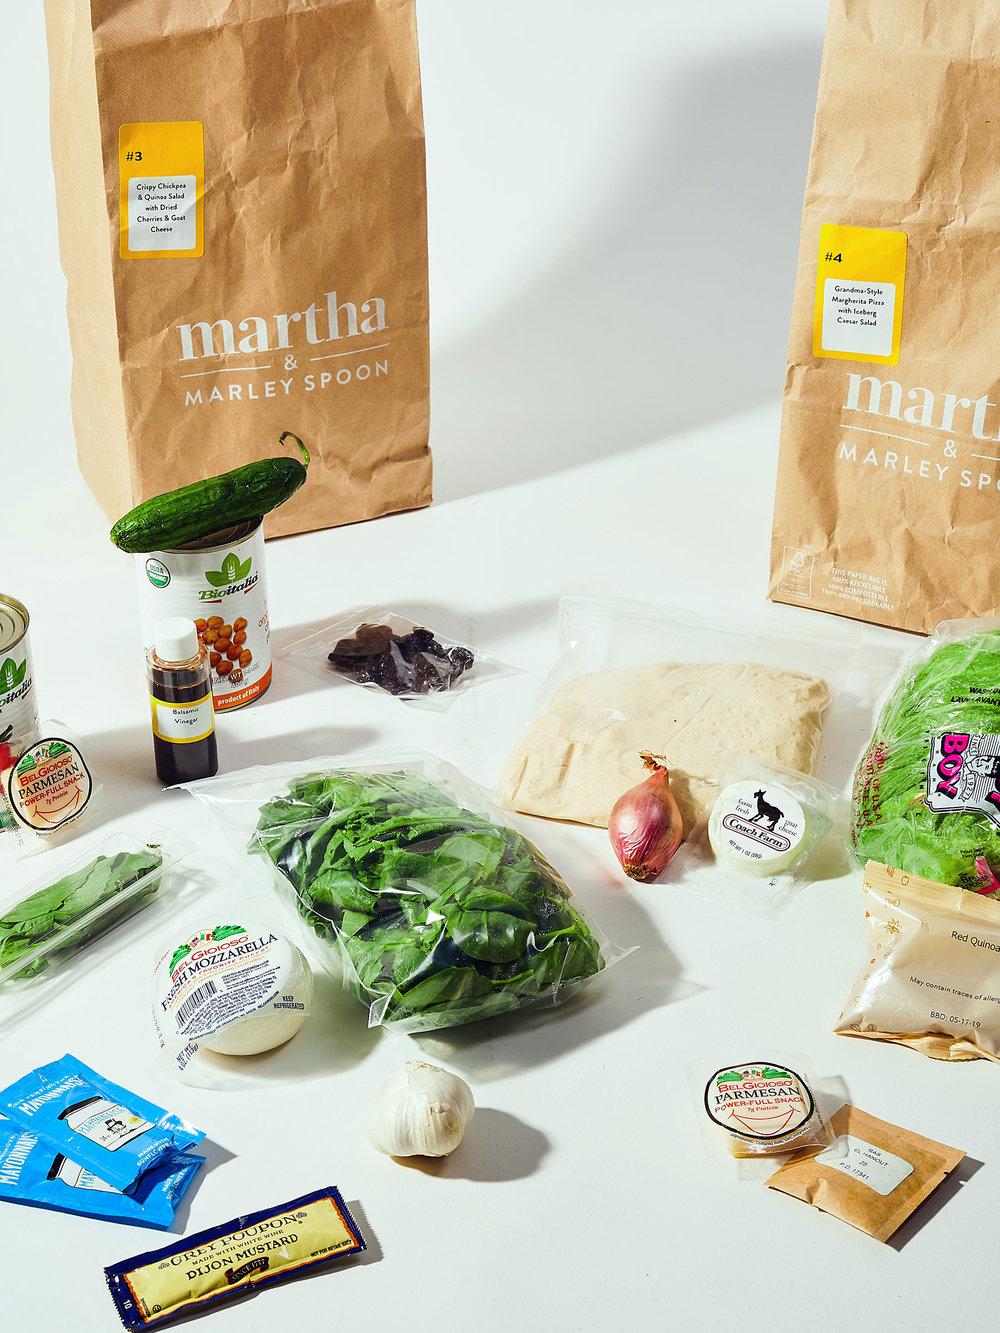 Meal_Kits-The_Dieline3356.jpg